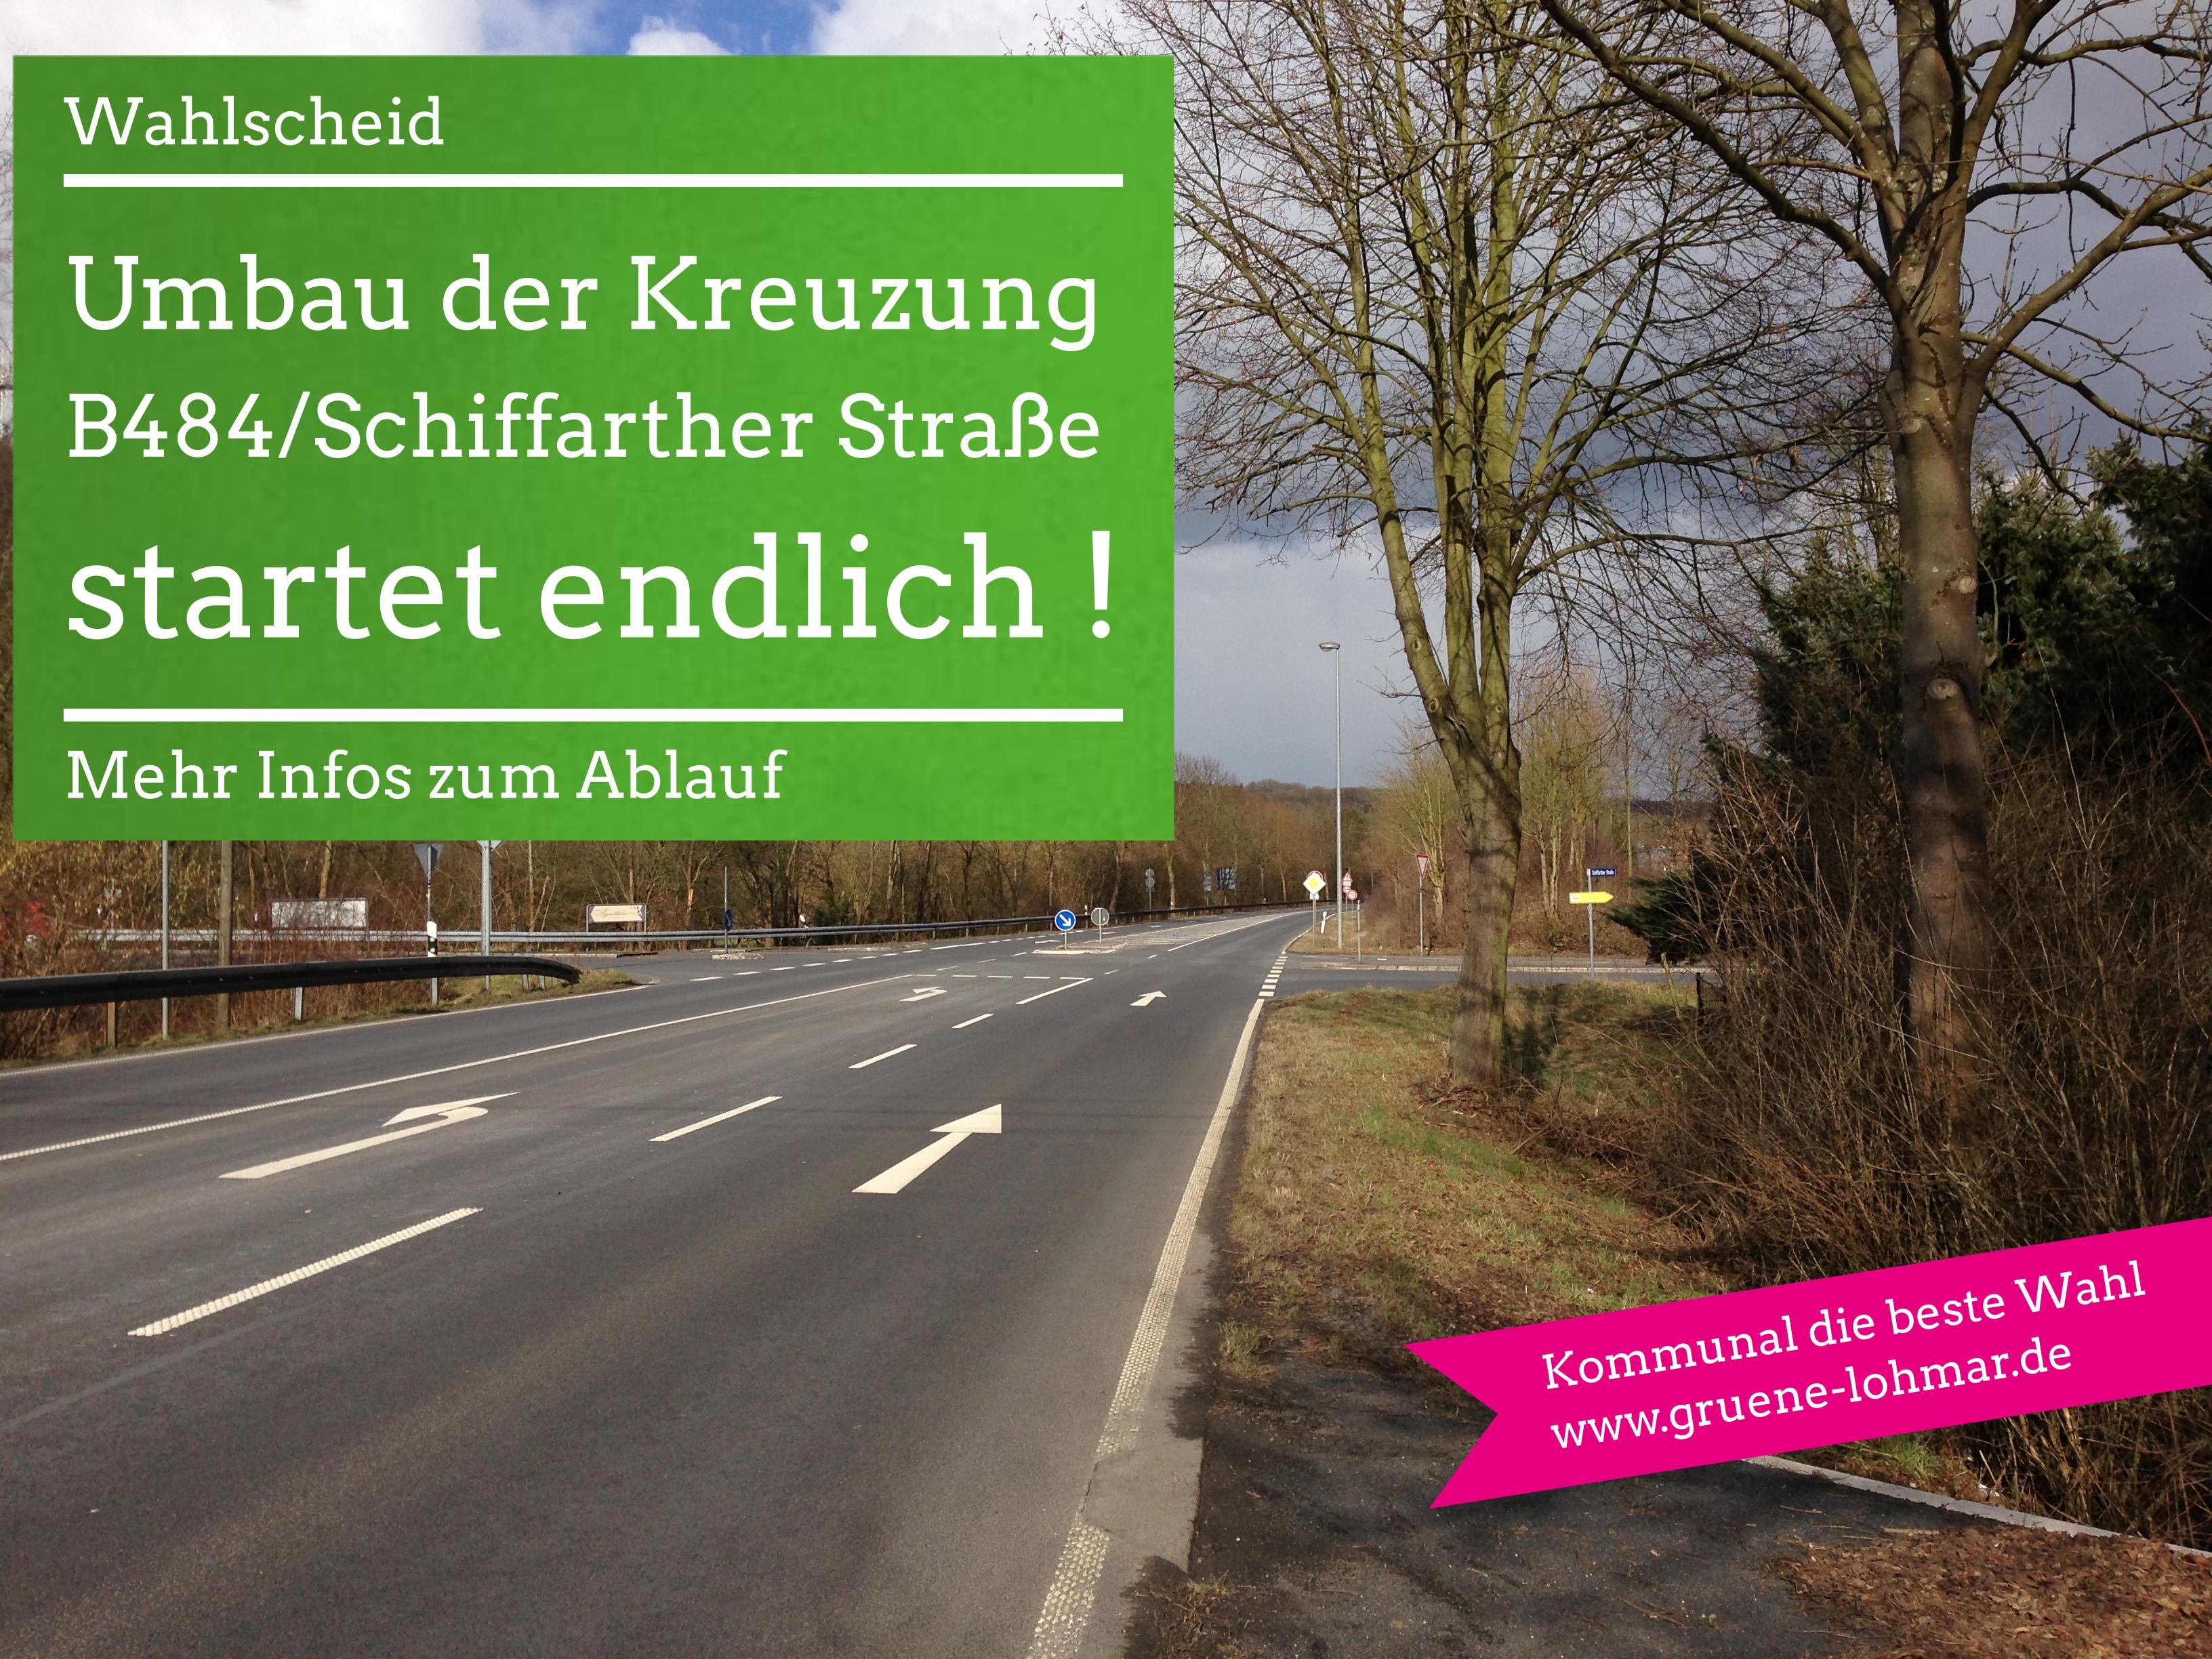 Es geht endlich los: Umbau der Kreuzung B484 – Schiffarther Straße / K 39 und Vergrößerung des Durchlasses Hohner Bach